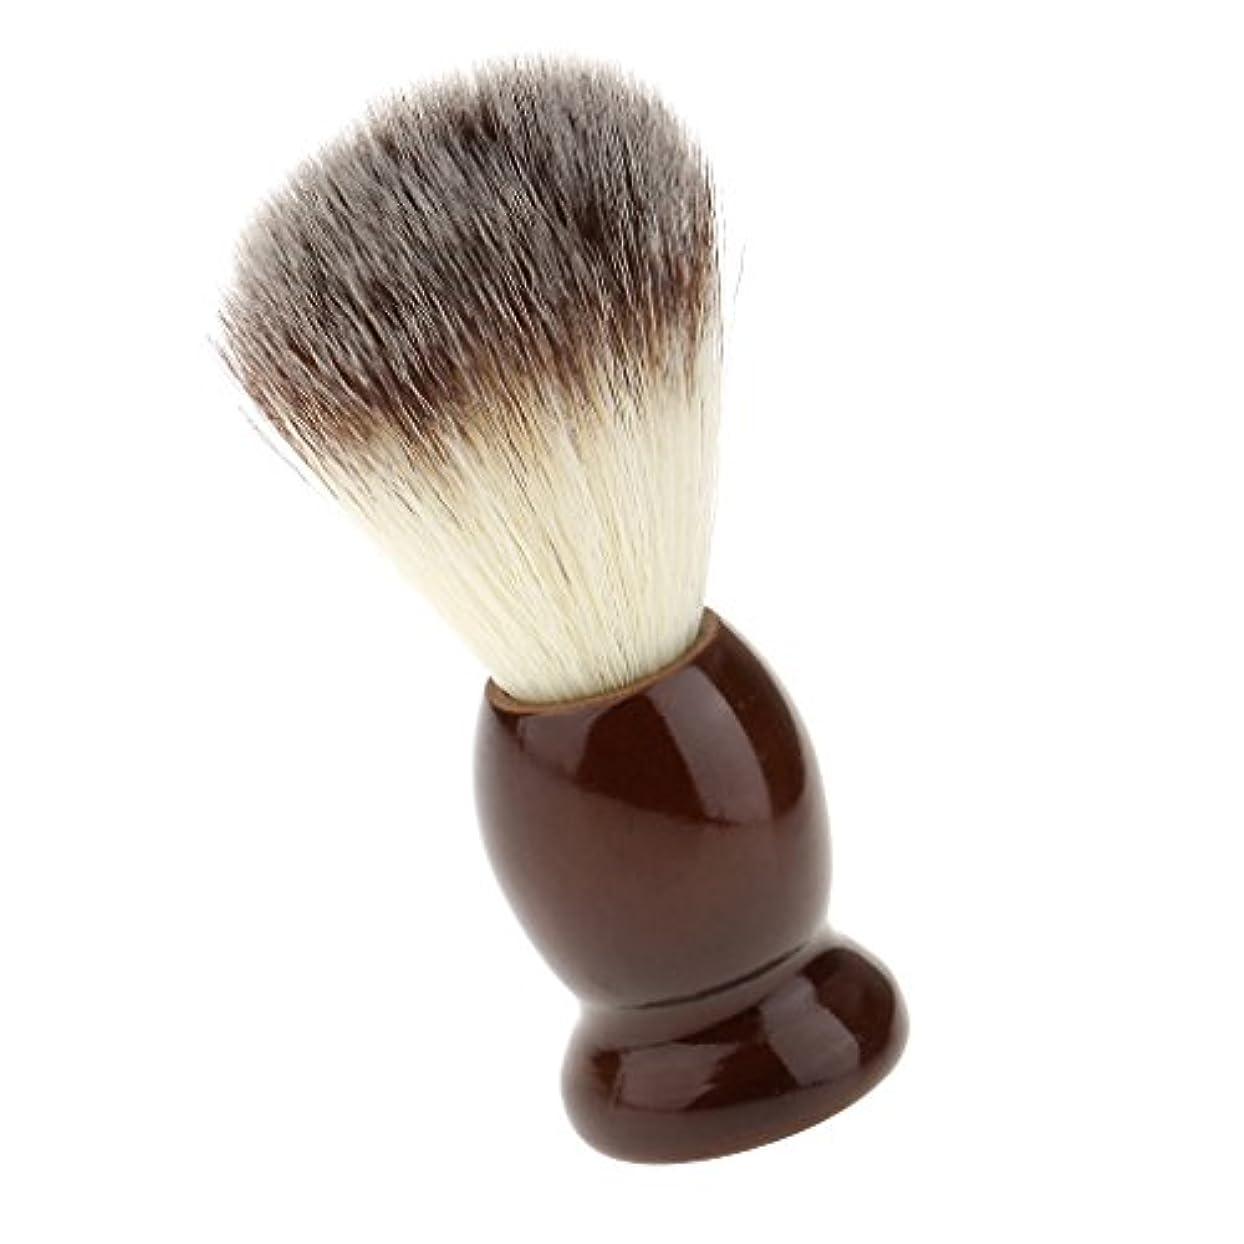 アトミック鍔付添人SONONIA ナイロン製 シェービングブラシ サロン 柔らかい 髭剃り 洗顔 理容   便携 10.5cm  ブラウン